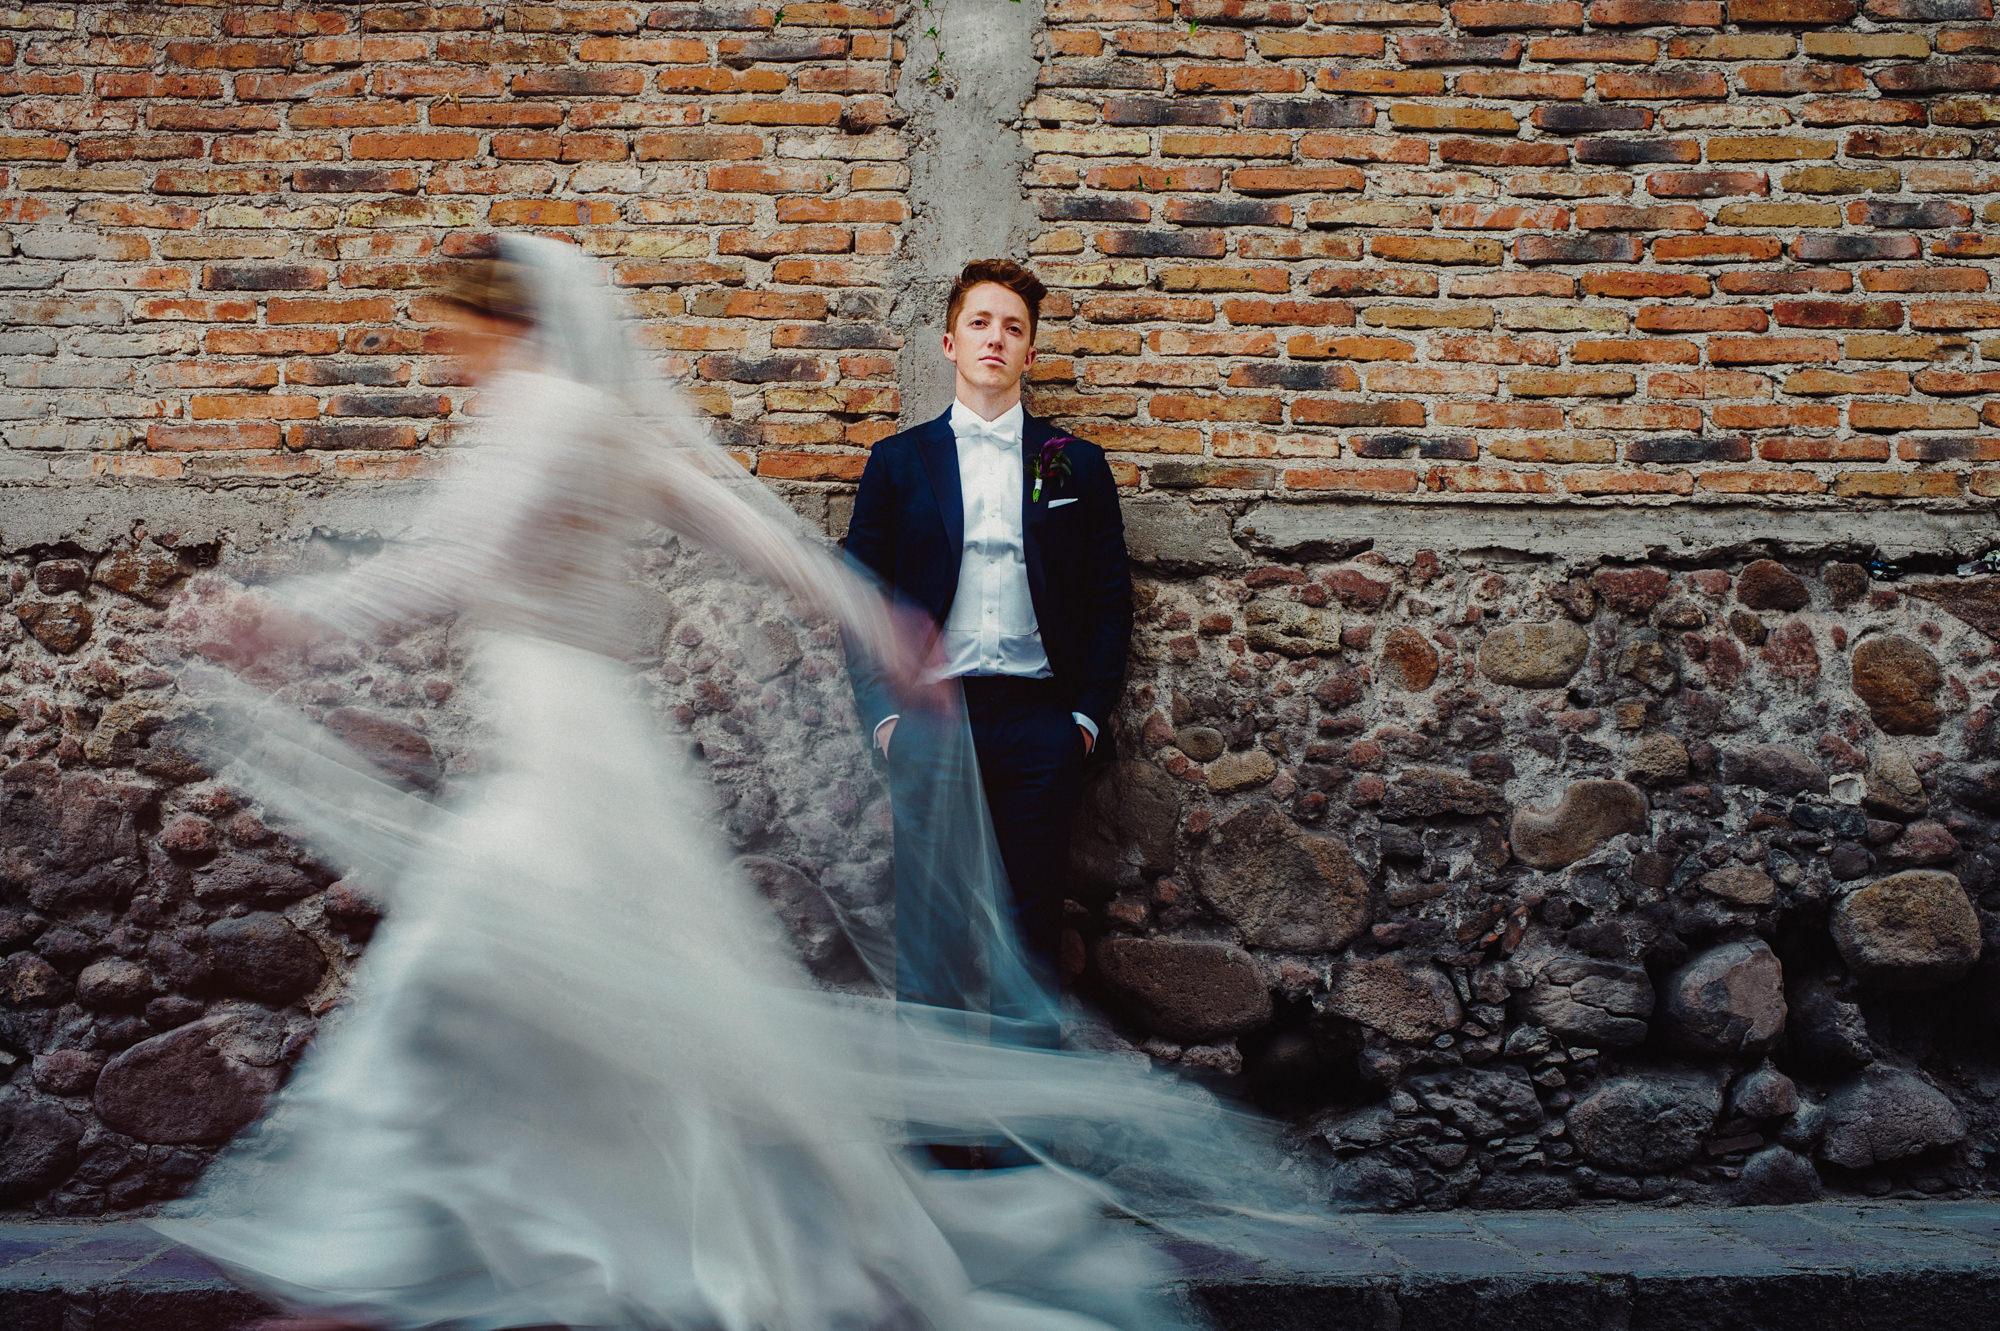 Long exposure portrait of bride walking past groom by Fer Juaristi